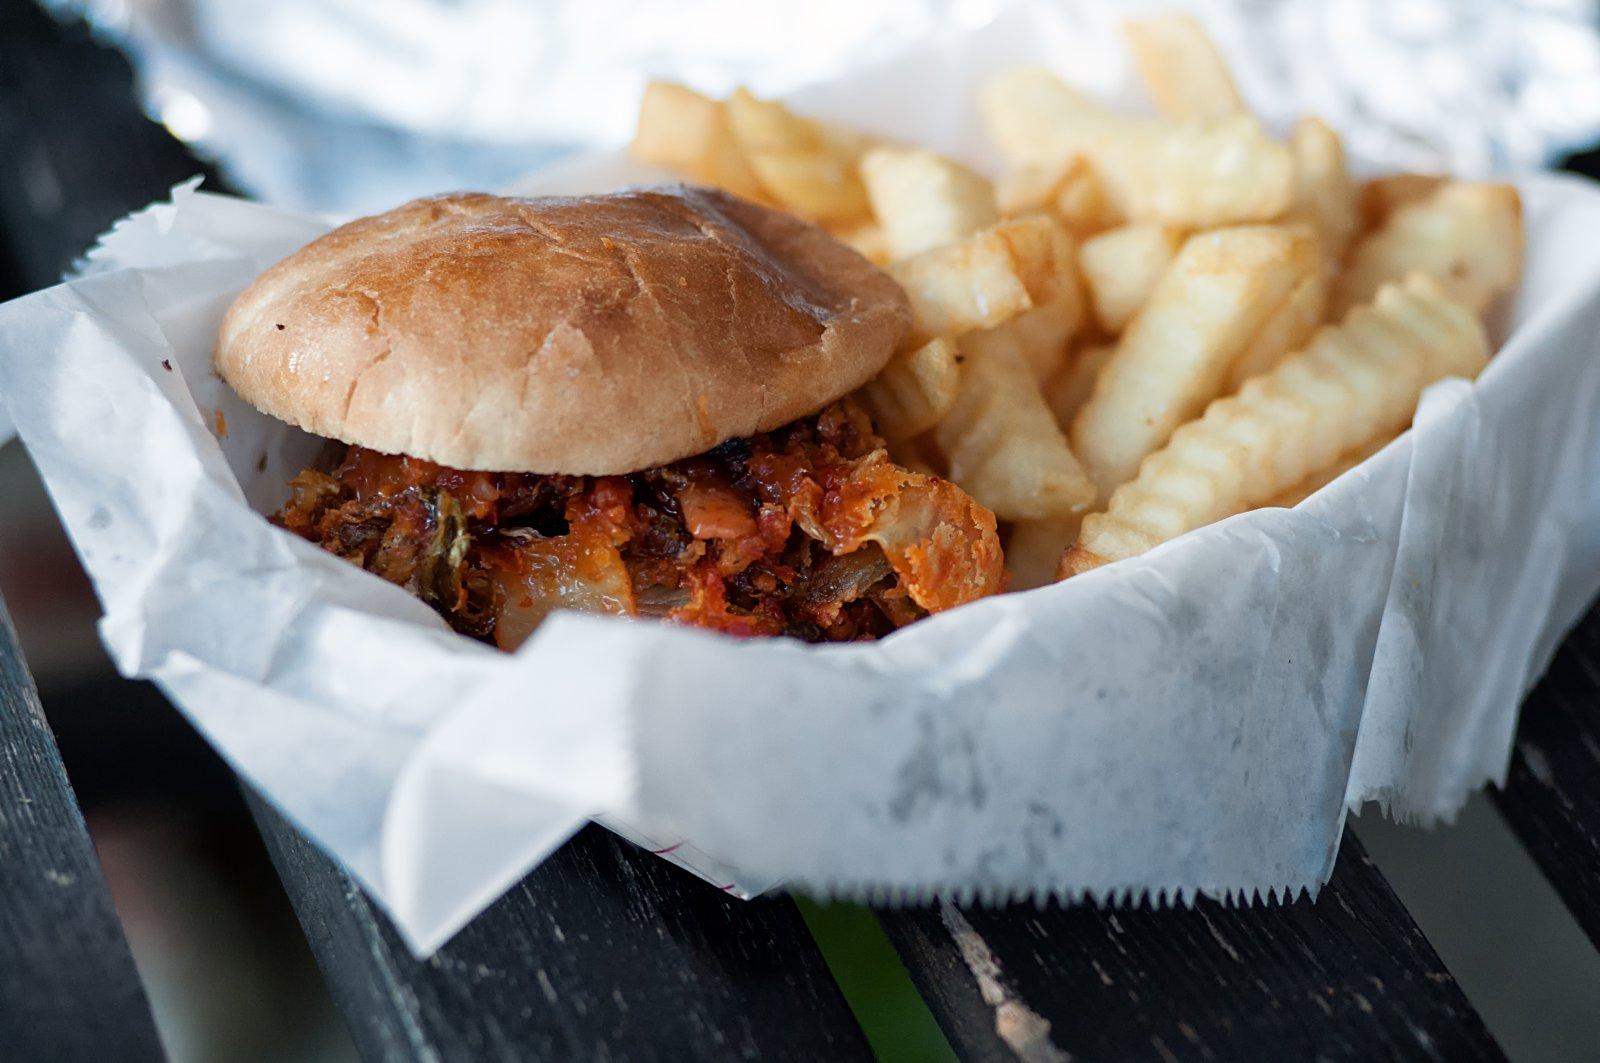 Ann's Snack Bar Ghetto Burger - Sherrelle